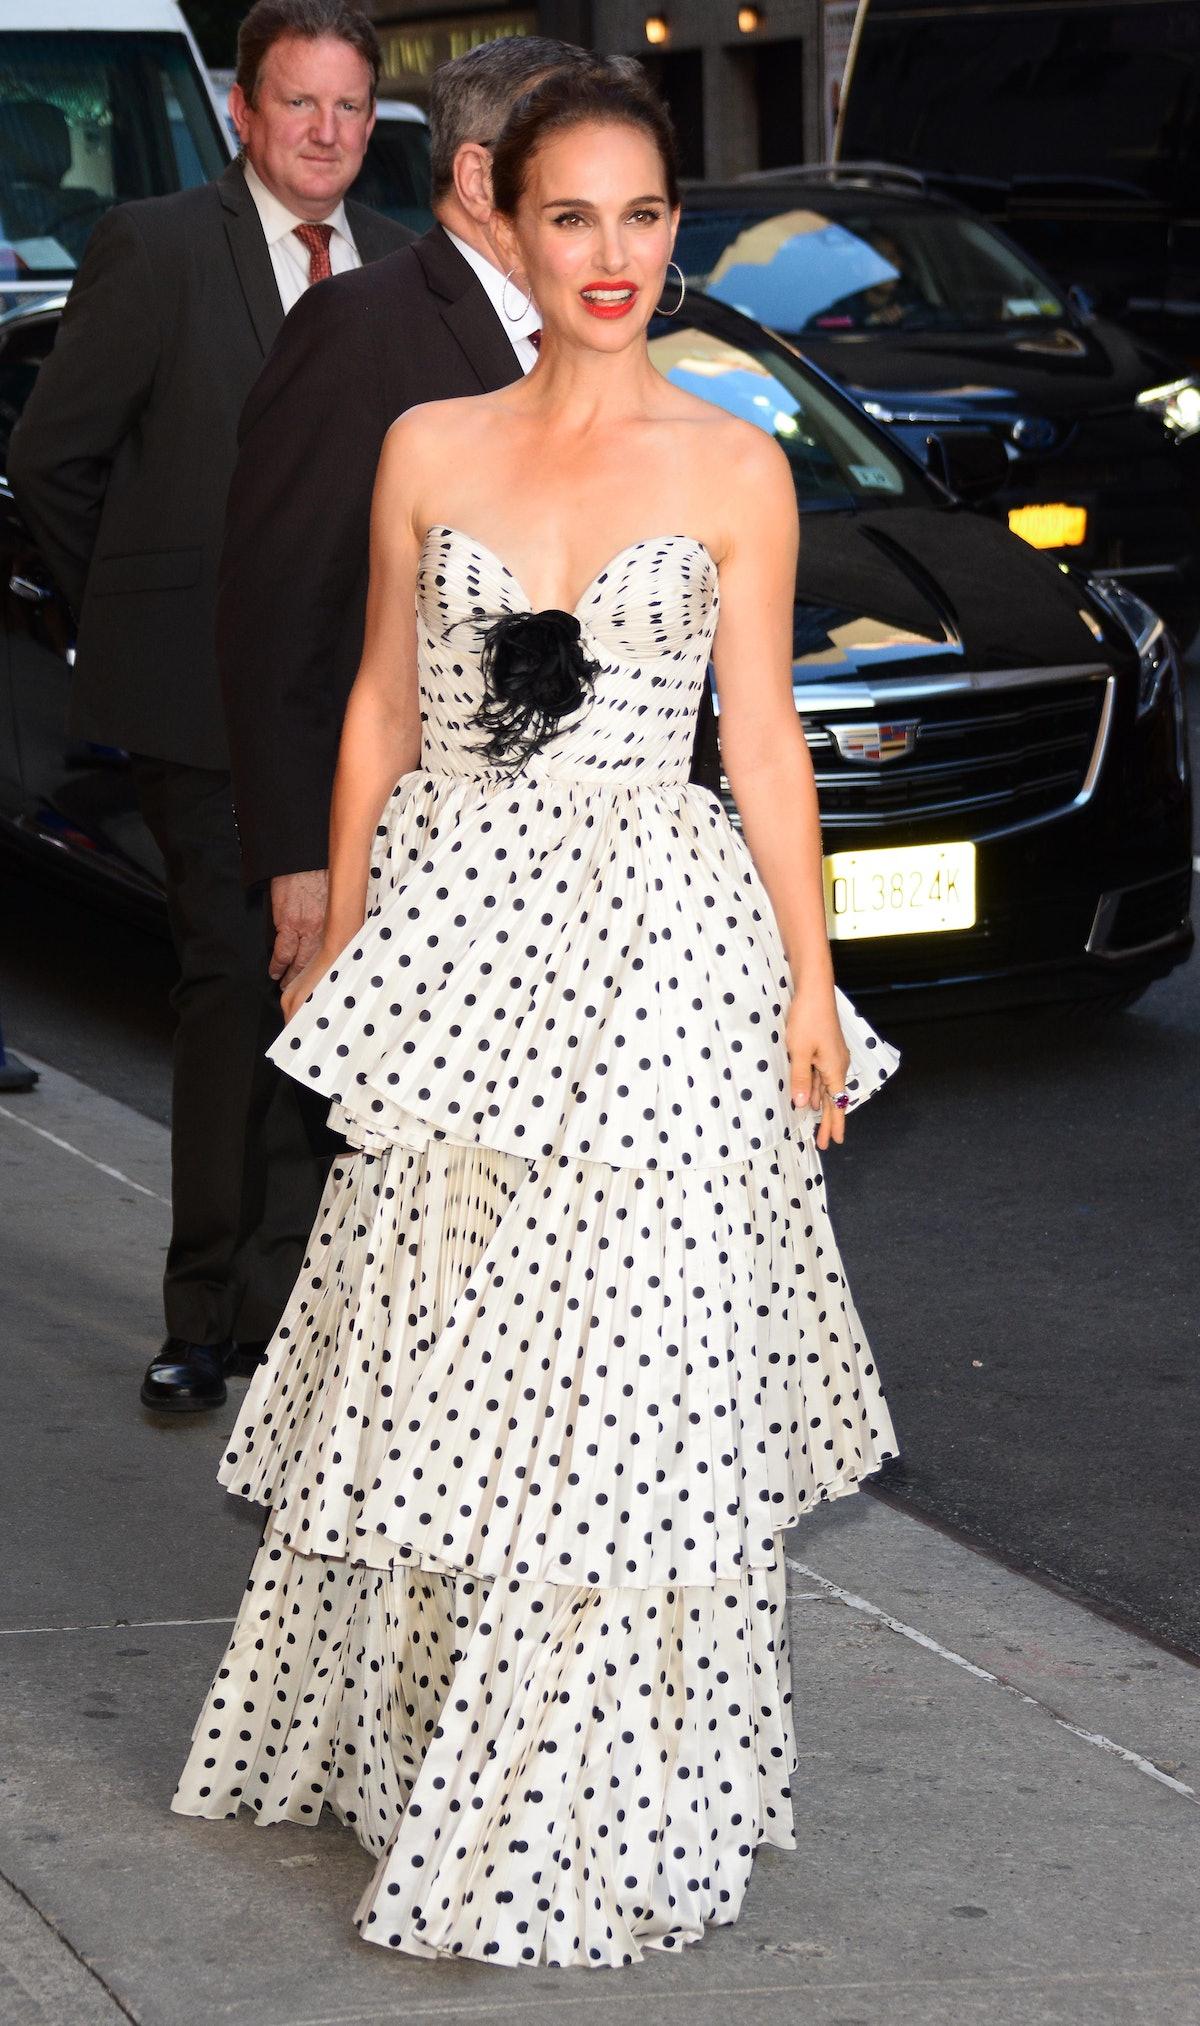 Natalie Portman in polka dots.